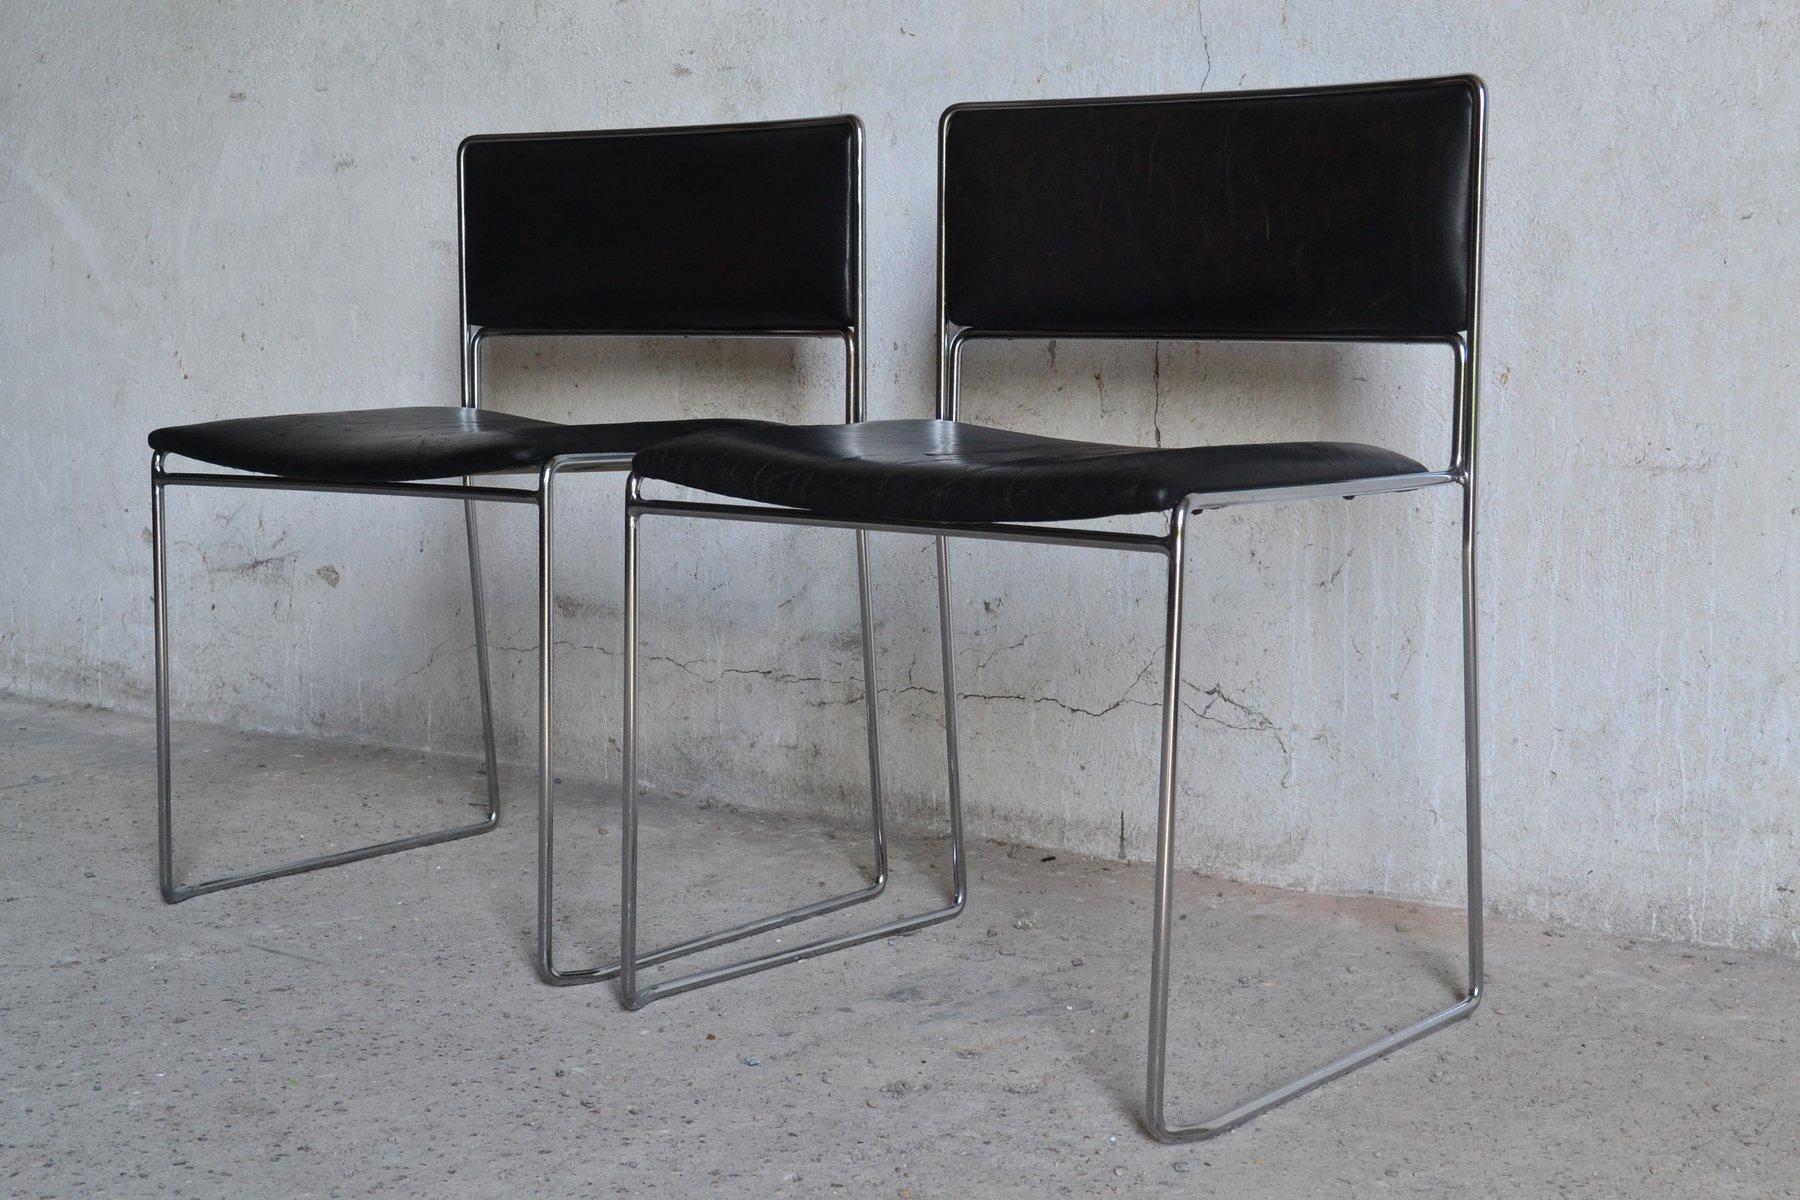 Vintage German Desk Chairs By Preben Fabricius Jørgen Kastholm For Kill International Set Of 2